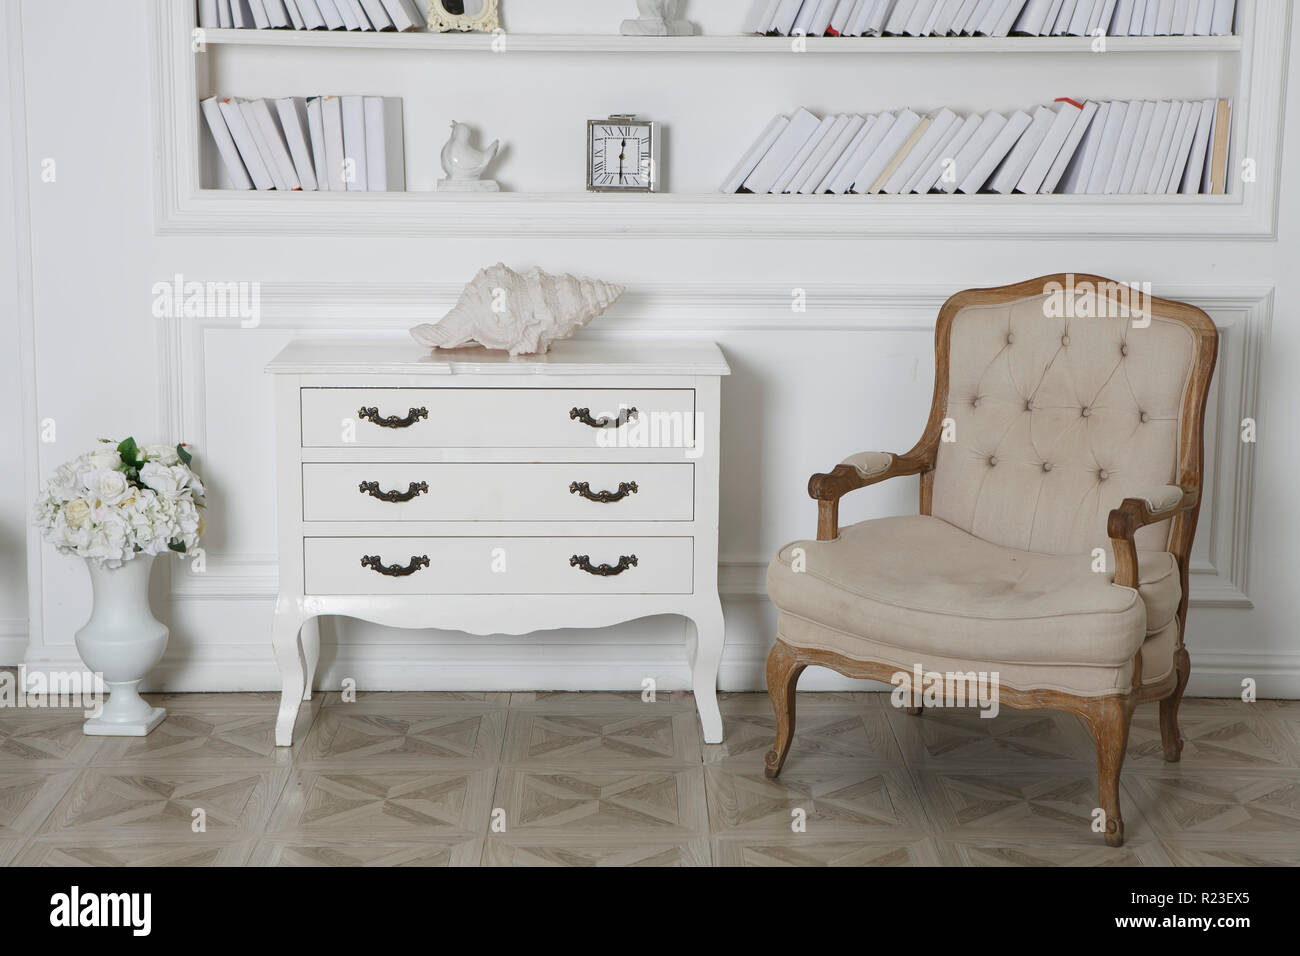 Innenraum Der Hite Mit Bucherregalen Einen Sessel Und Eine Kommode